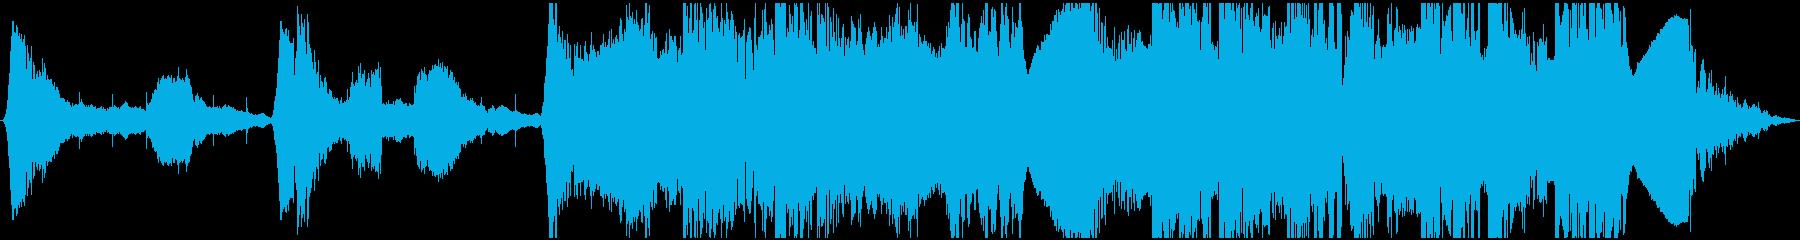 ホラー映画のイントロトレーラーの再生済みの波形